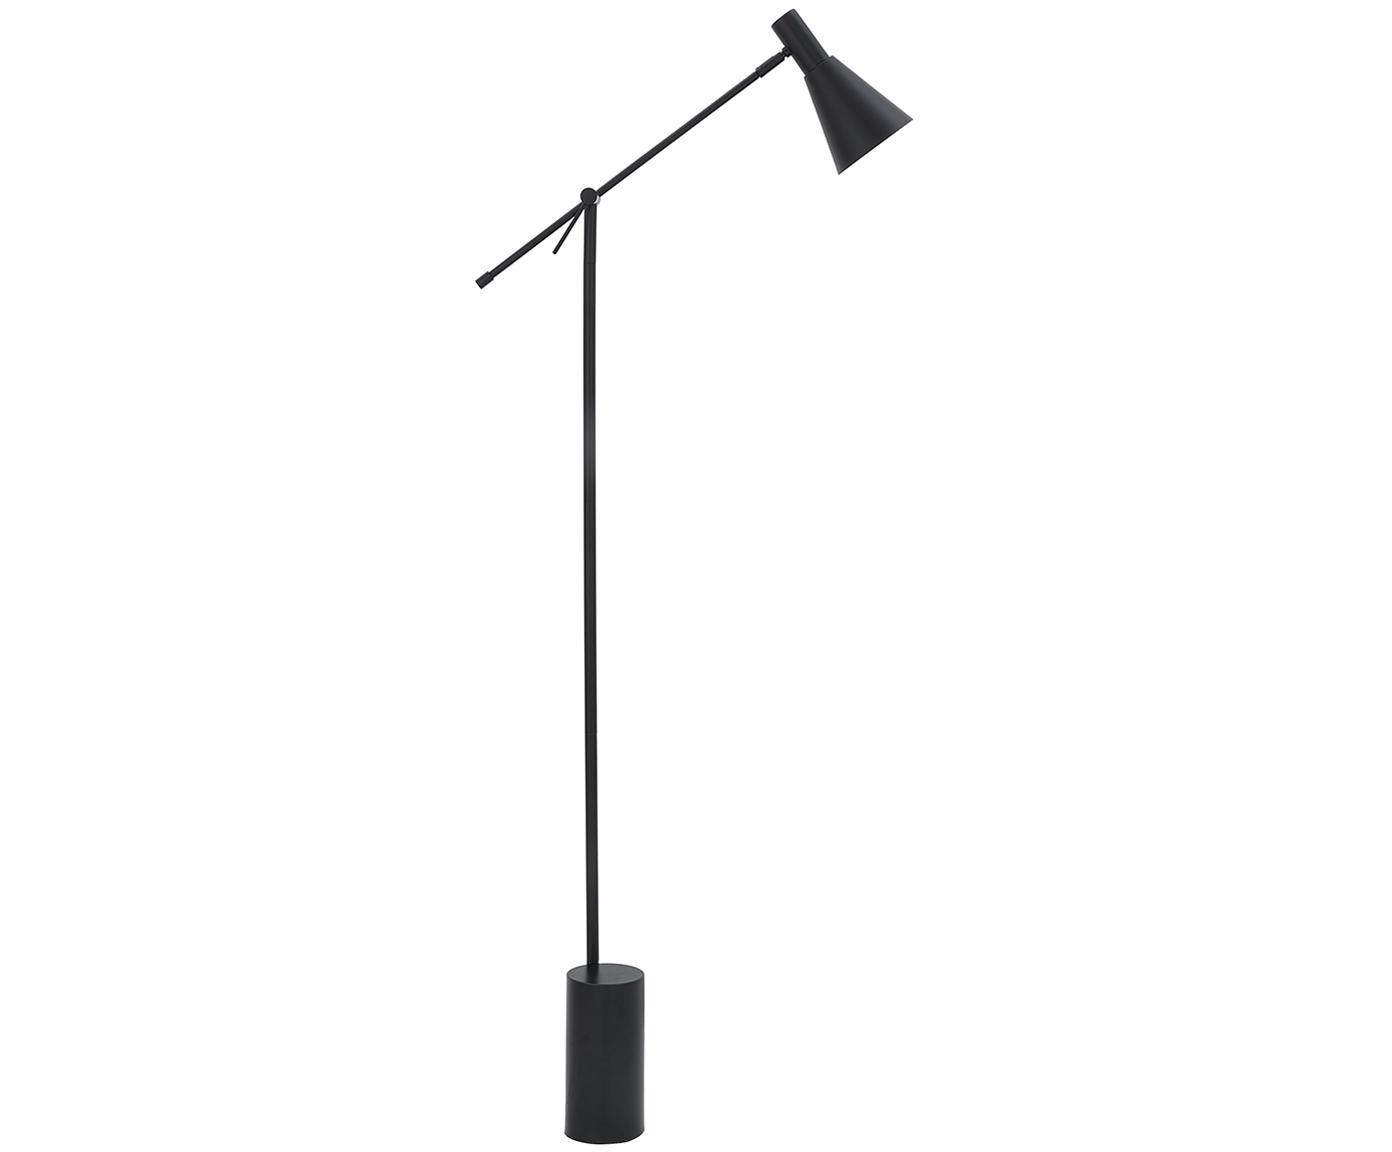 Lámpara de pie Sia, Pantalla: metal con pintura en polv, Cable: cubierto en tela, Negro, Ø 14 x Al 162 cm